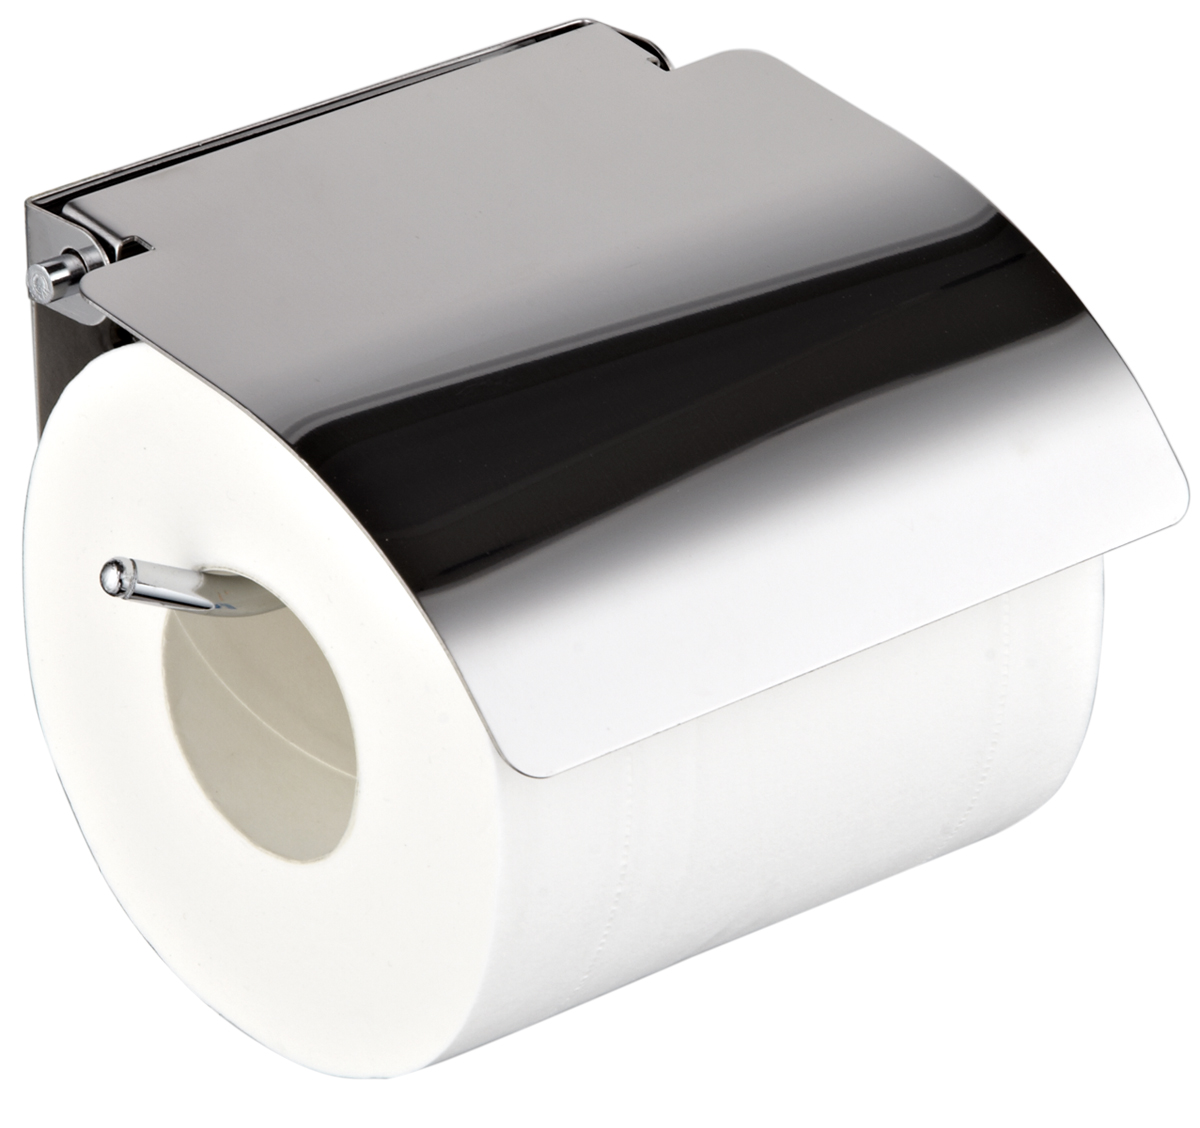 Держатель для туалетной бумаги РМС, цвет: хром. A3021A3021Держатель для т/бумаги,крепление к стене, хромированный цвет